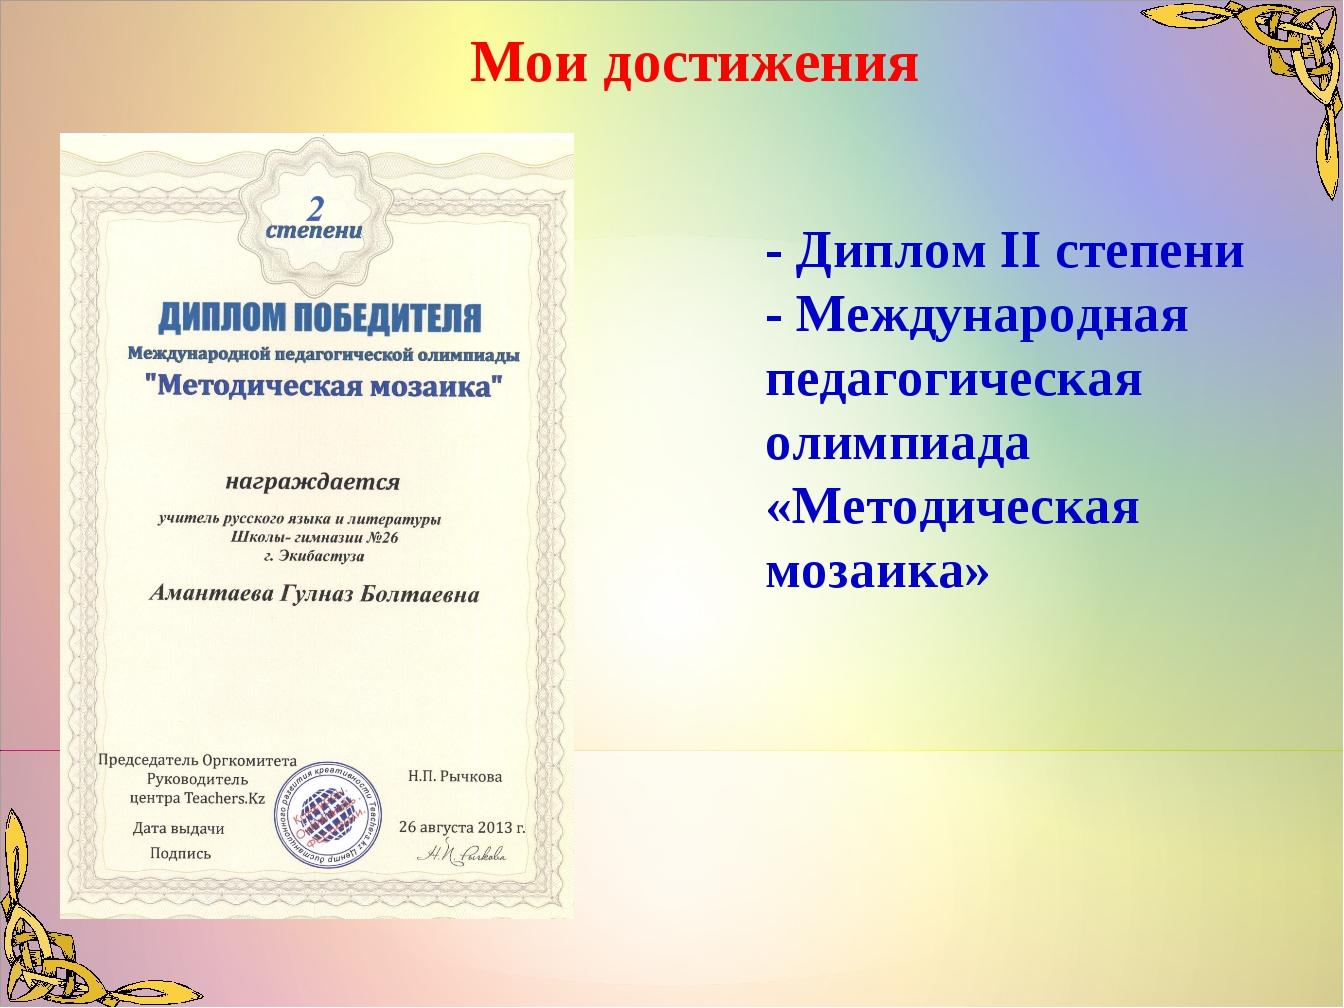 - Диплом ІІ степени - Международная педагогическая олимпиада «Методическая мо...